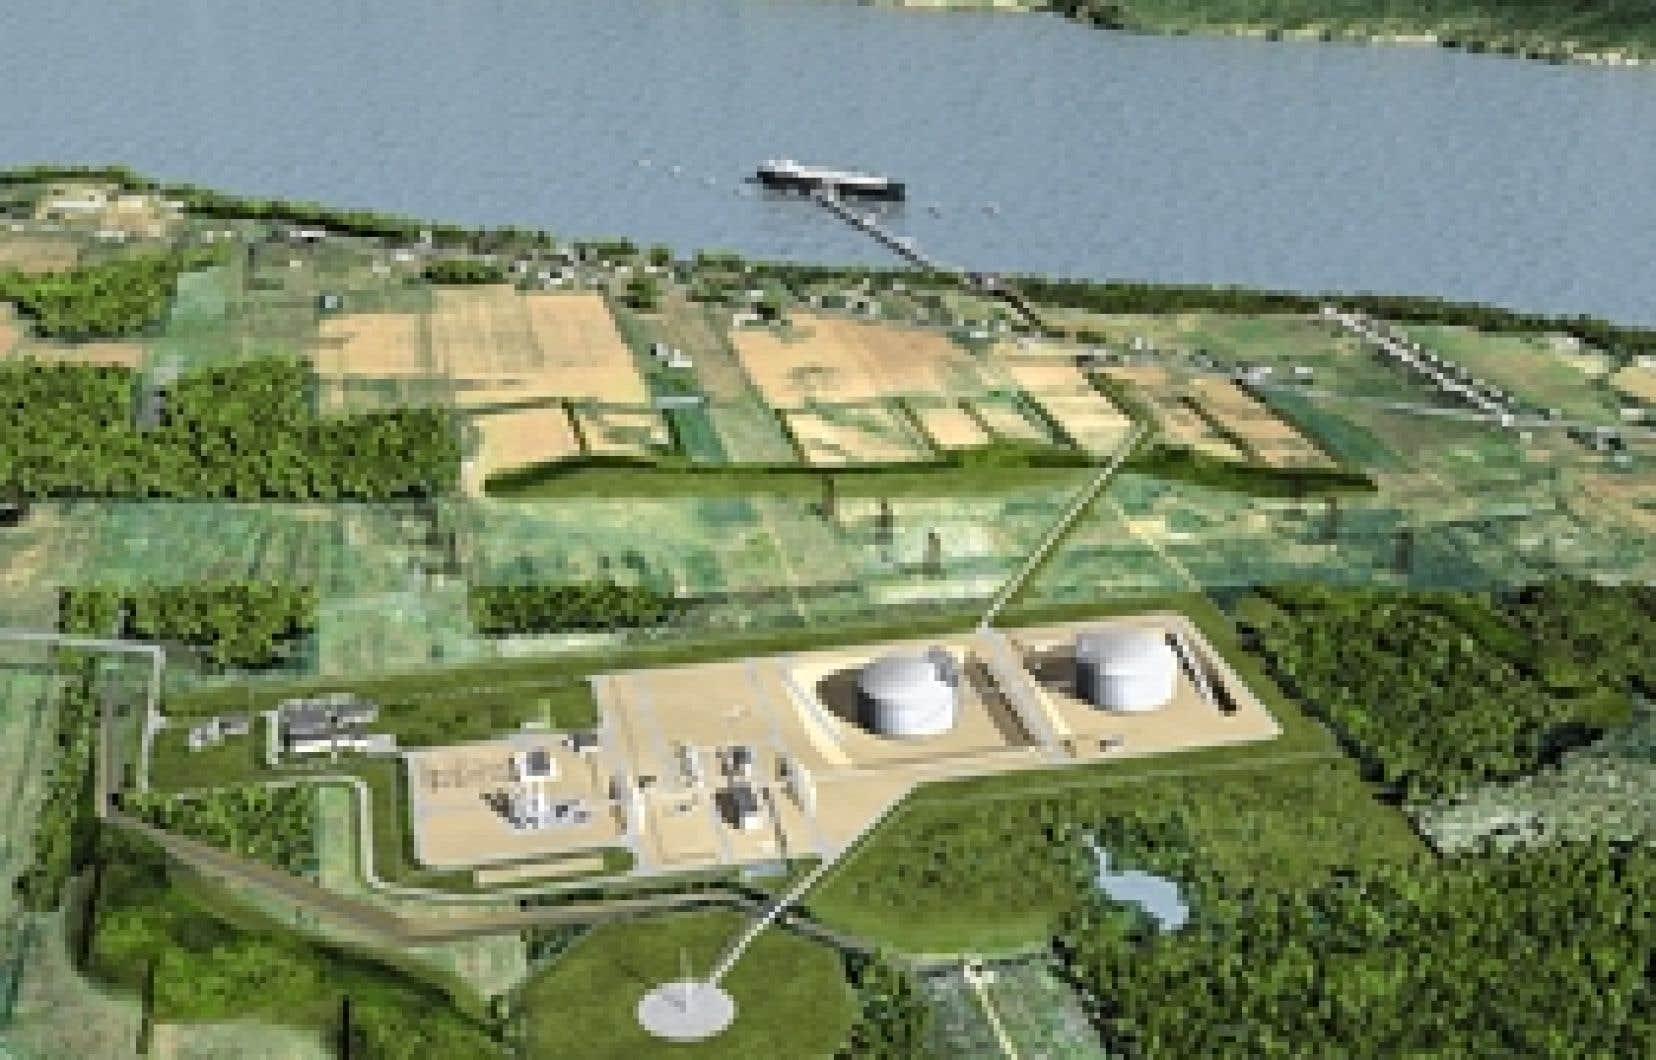 Cette modélisation du projet Rabaska, qu'on trouve sur le site du promoteur, montre comment les réservoirs et le quai destiné aux méthaniers modifient ce milieu agricole, devant l'île d'Orléans, en haut de la photo. On aperçoit aussi la faib